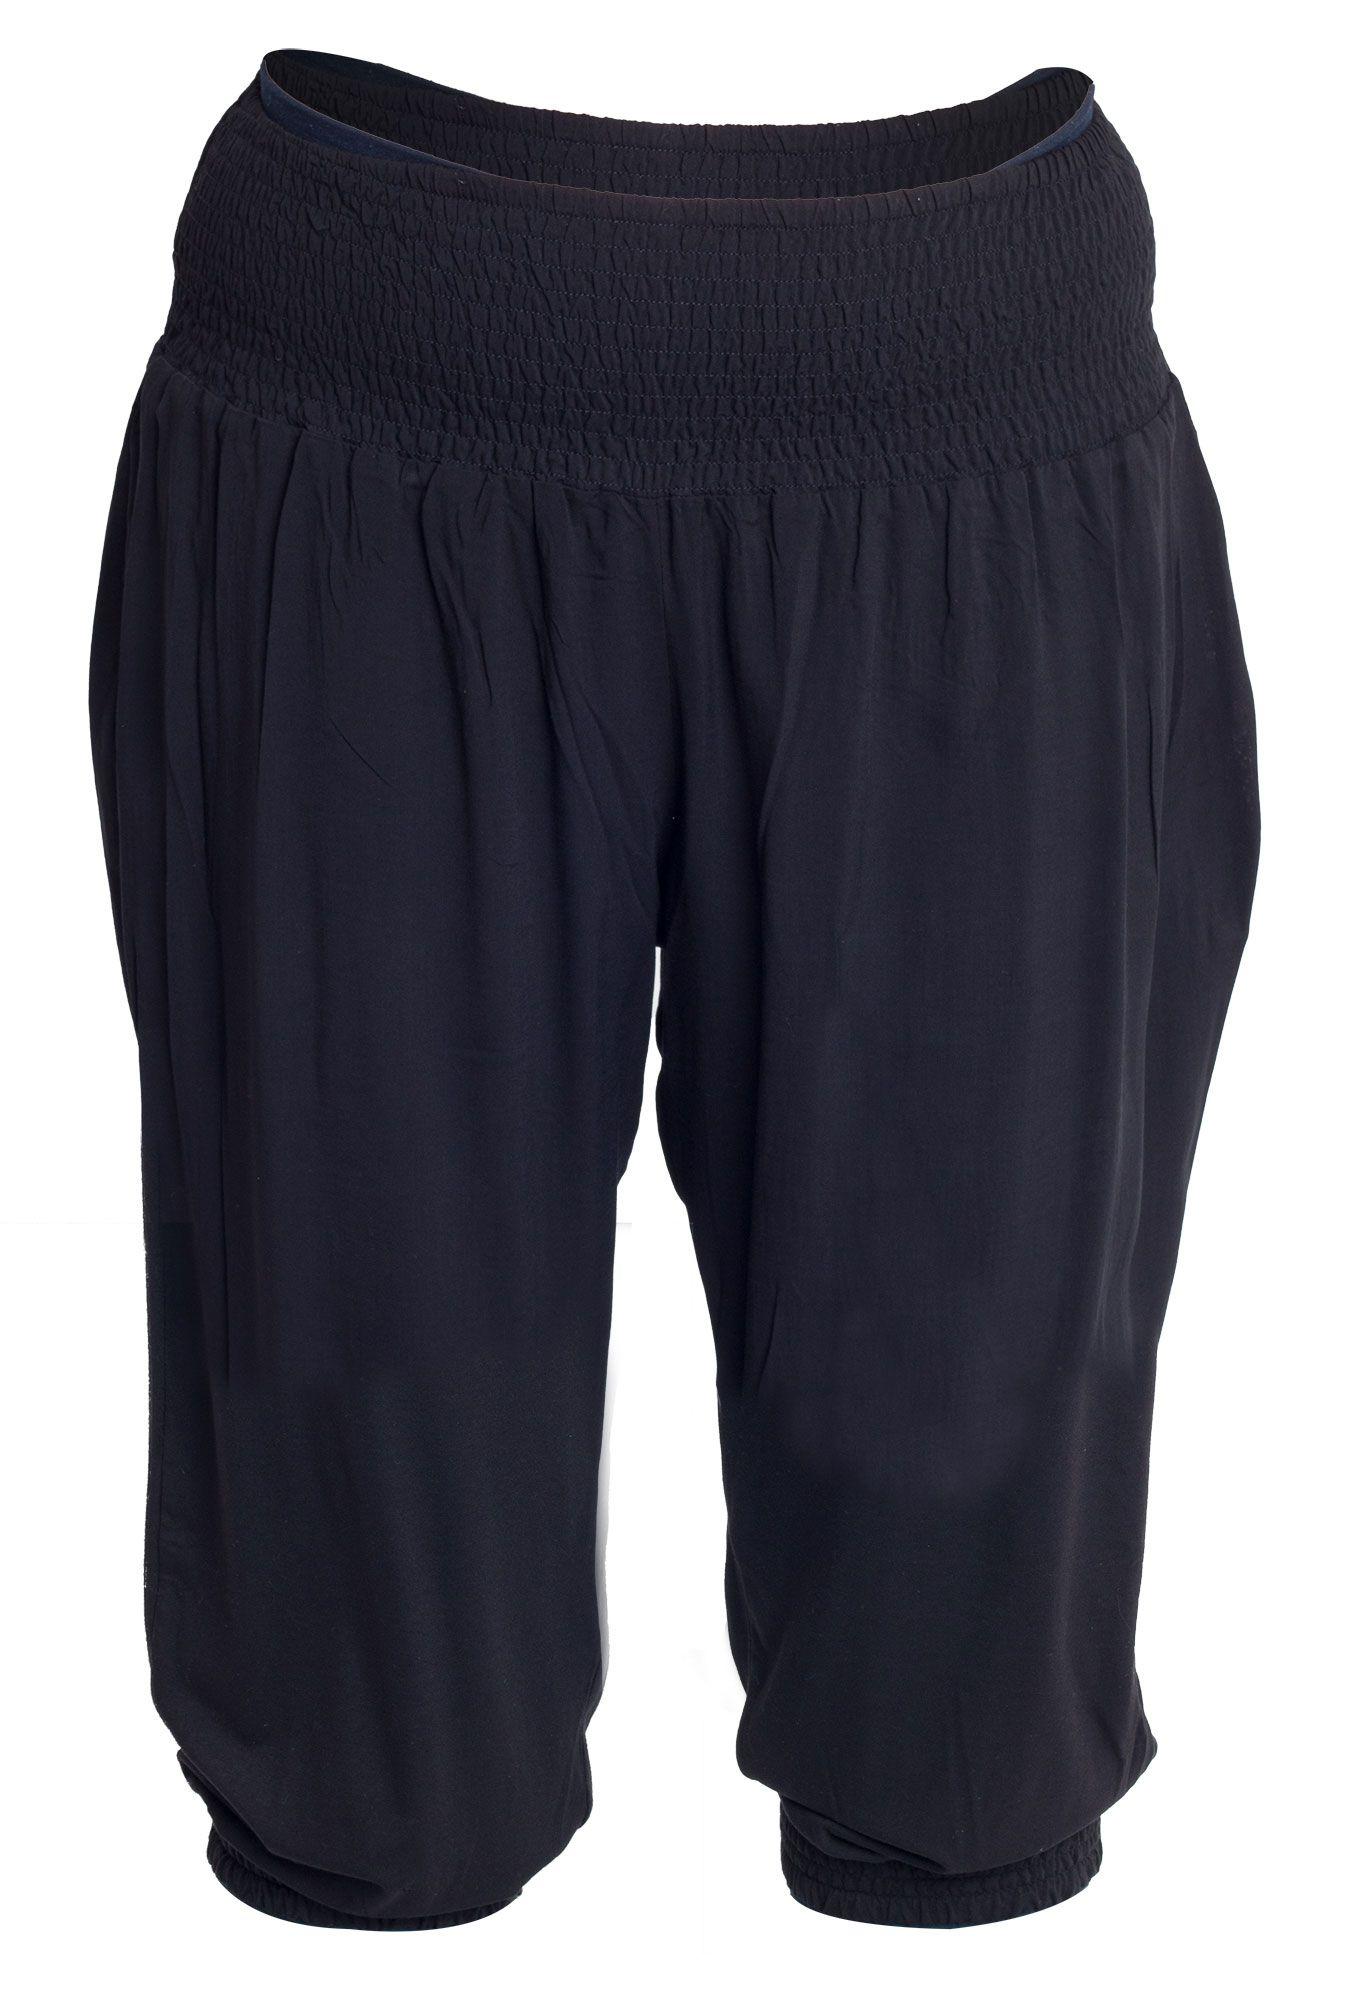 Super fede Sorte løse 3/4 bukser med smock elastik Studio Modetøj til Damer til hverdag og til fest